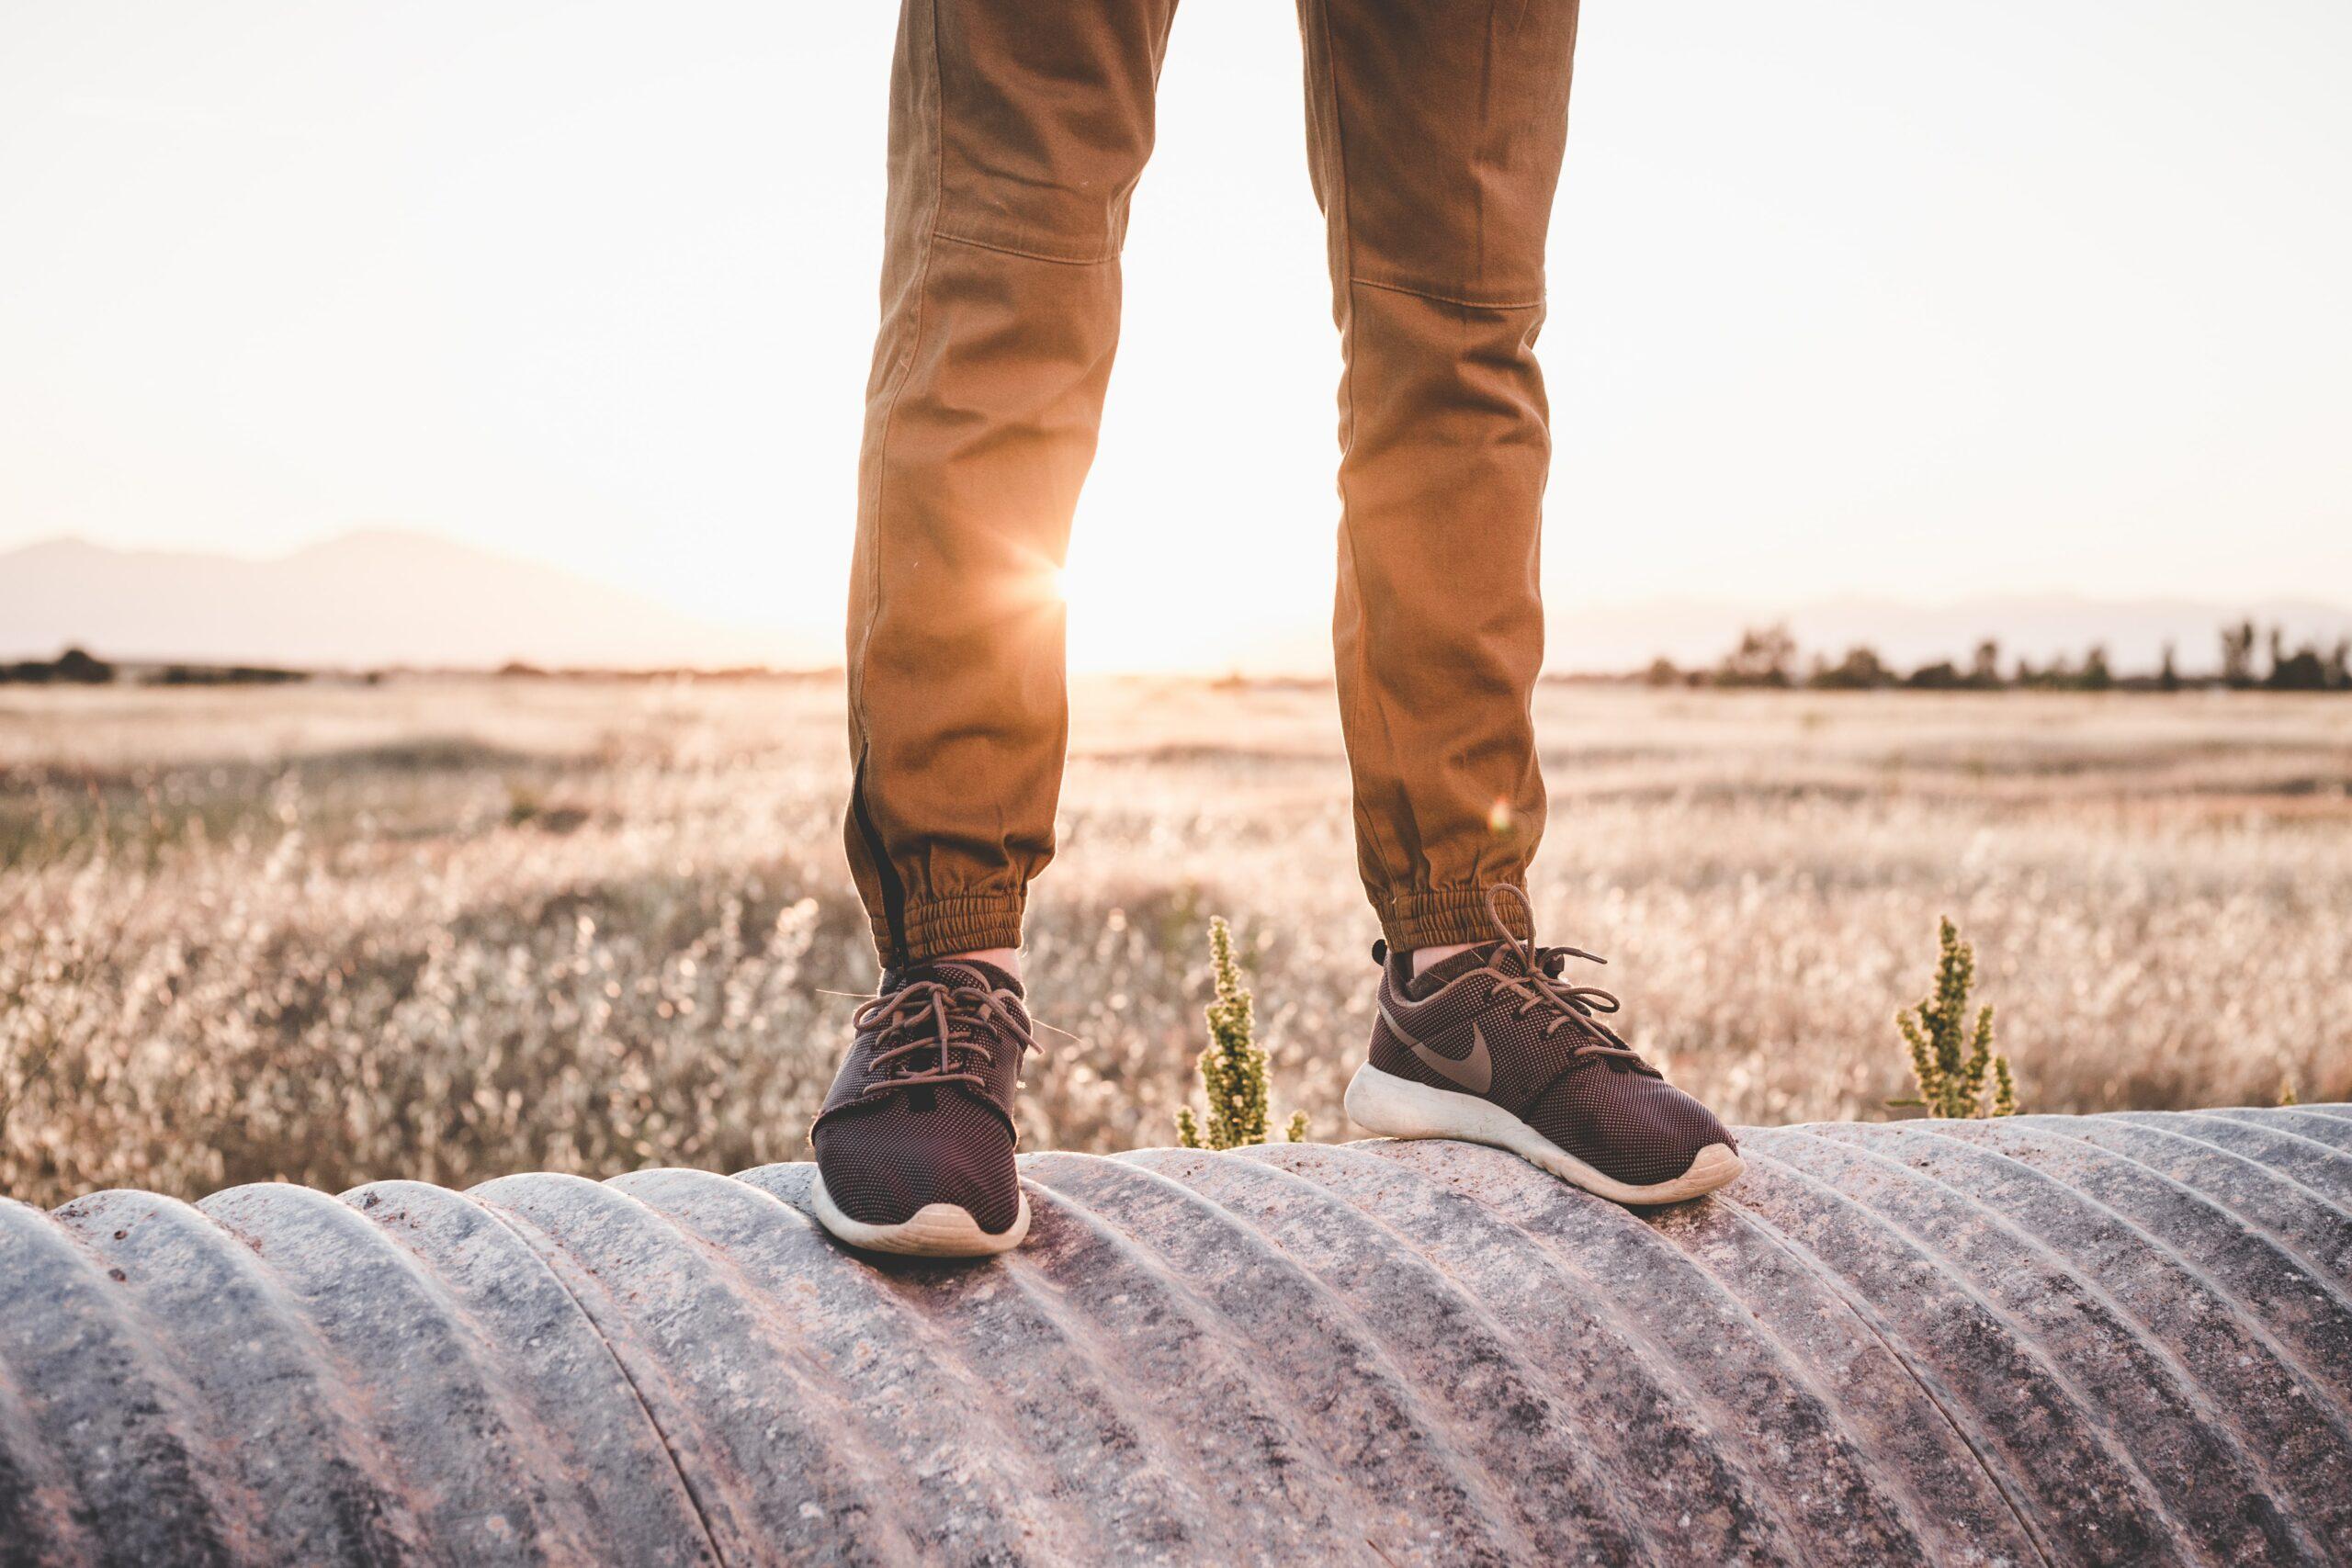 Ihminen seisoo matellisen putken päällä. Taustalla vilja pelto.